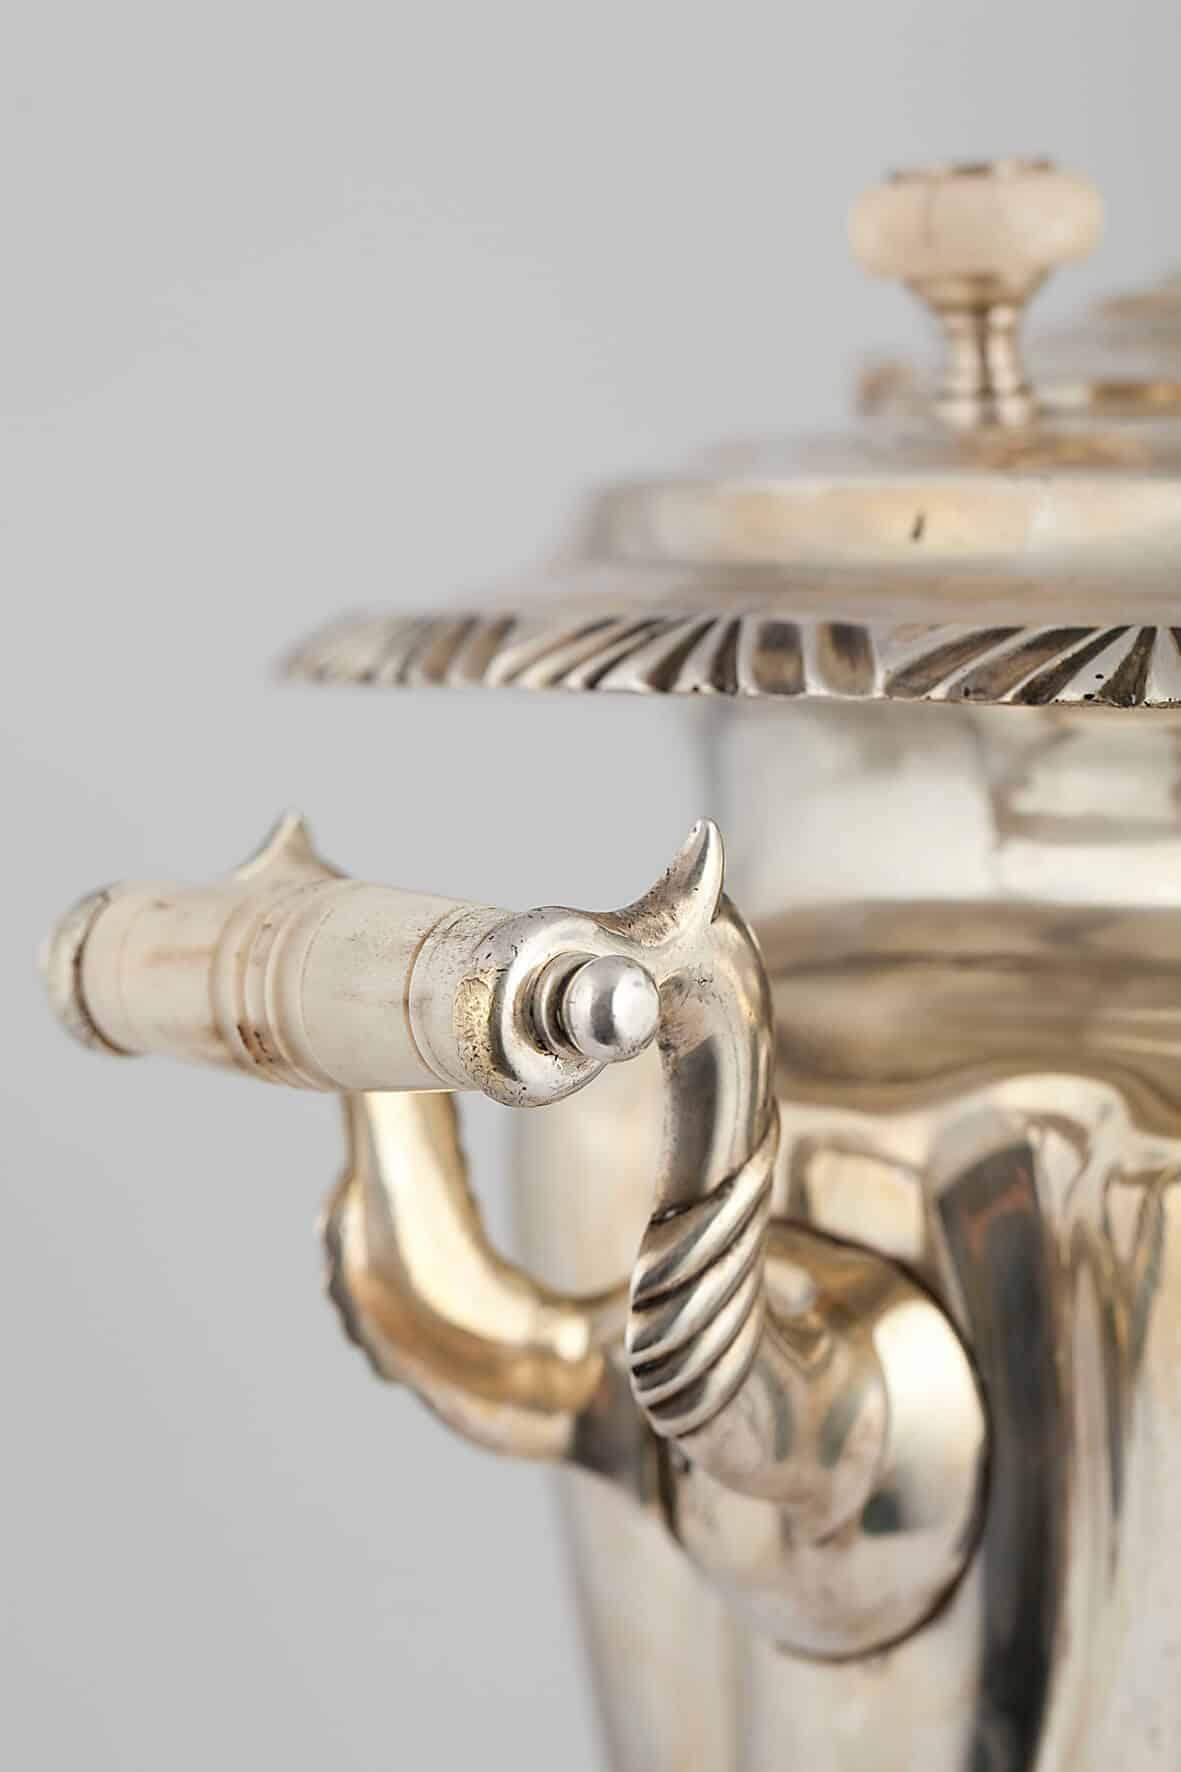 КБ 468 | Самовар-рюмка с витыми овалами | Музей самоваров и бульоток